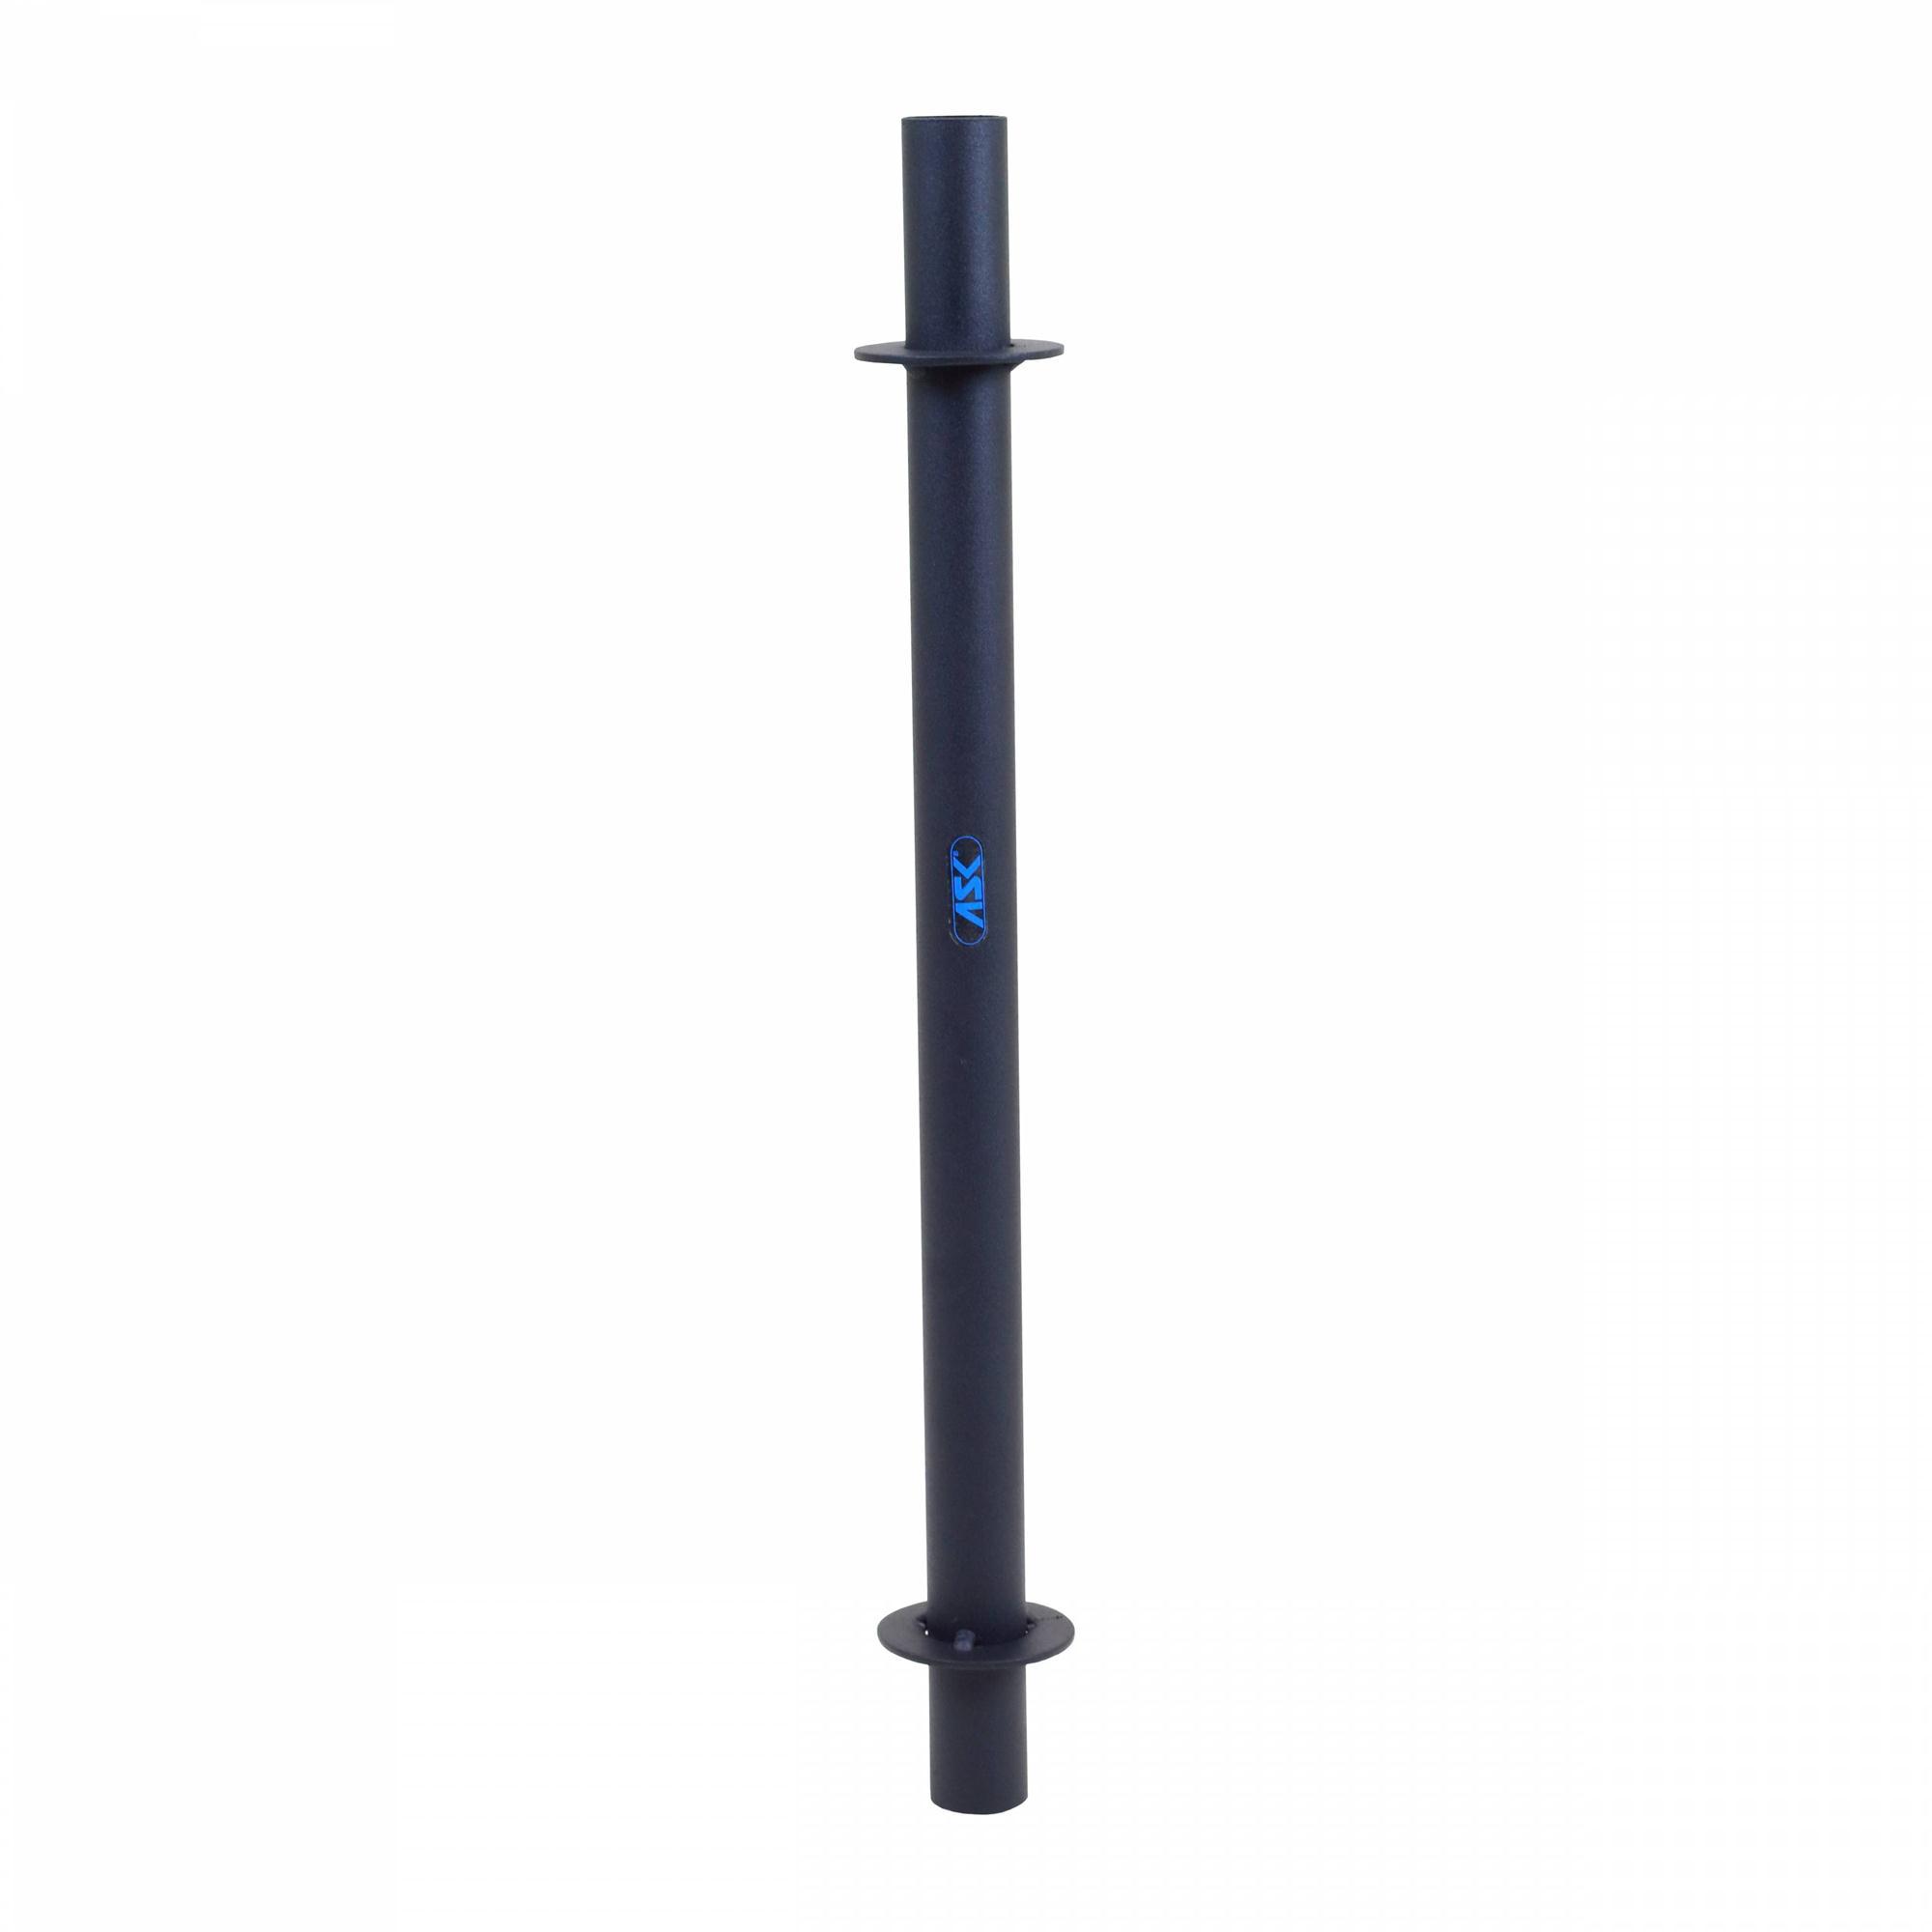 ASK Extensor para Caixa de Som EXT600 (60cm)